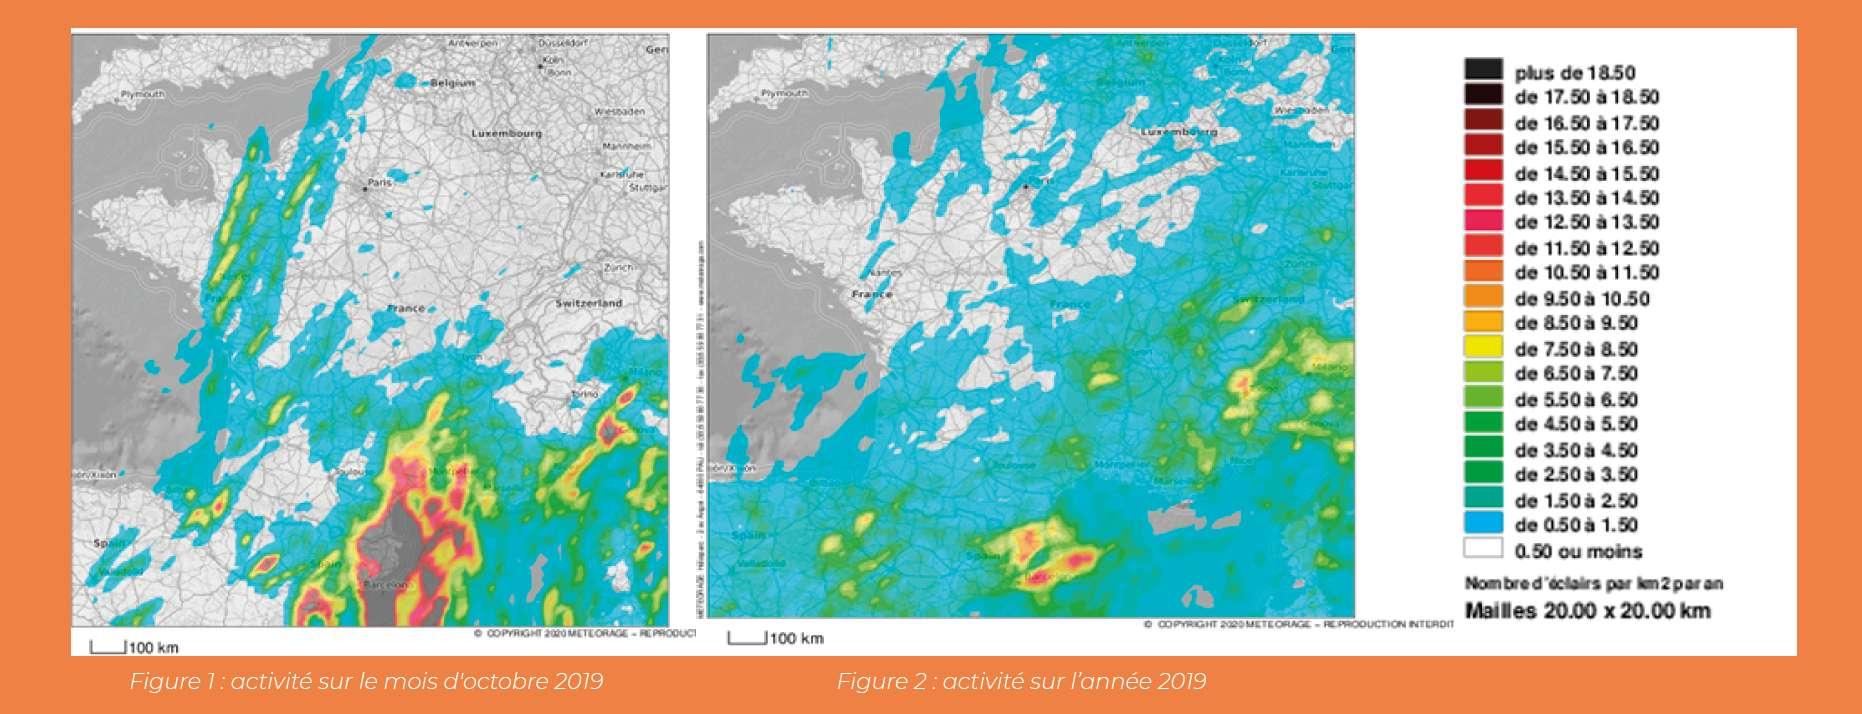 L'activité orageuse a été particulièrement calme en France en 2019 (à droite), sauf en octobre (à gauche) avec un pic dû aux épisodes méditerranéens. © Météorage